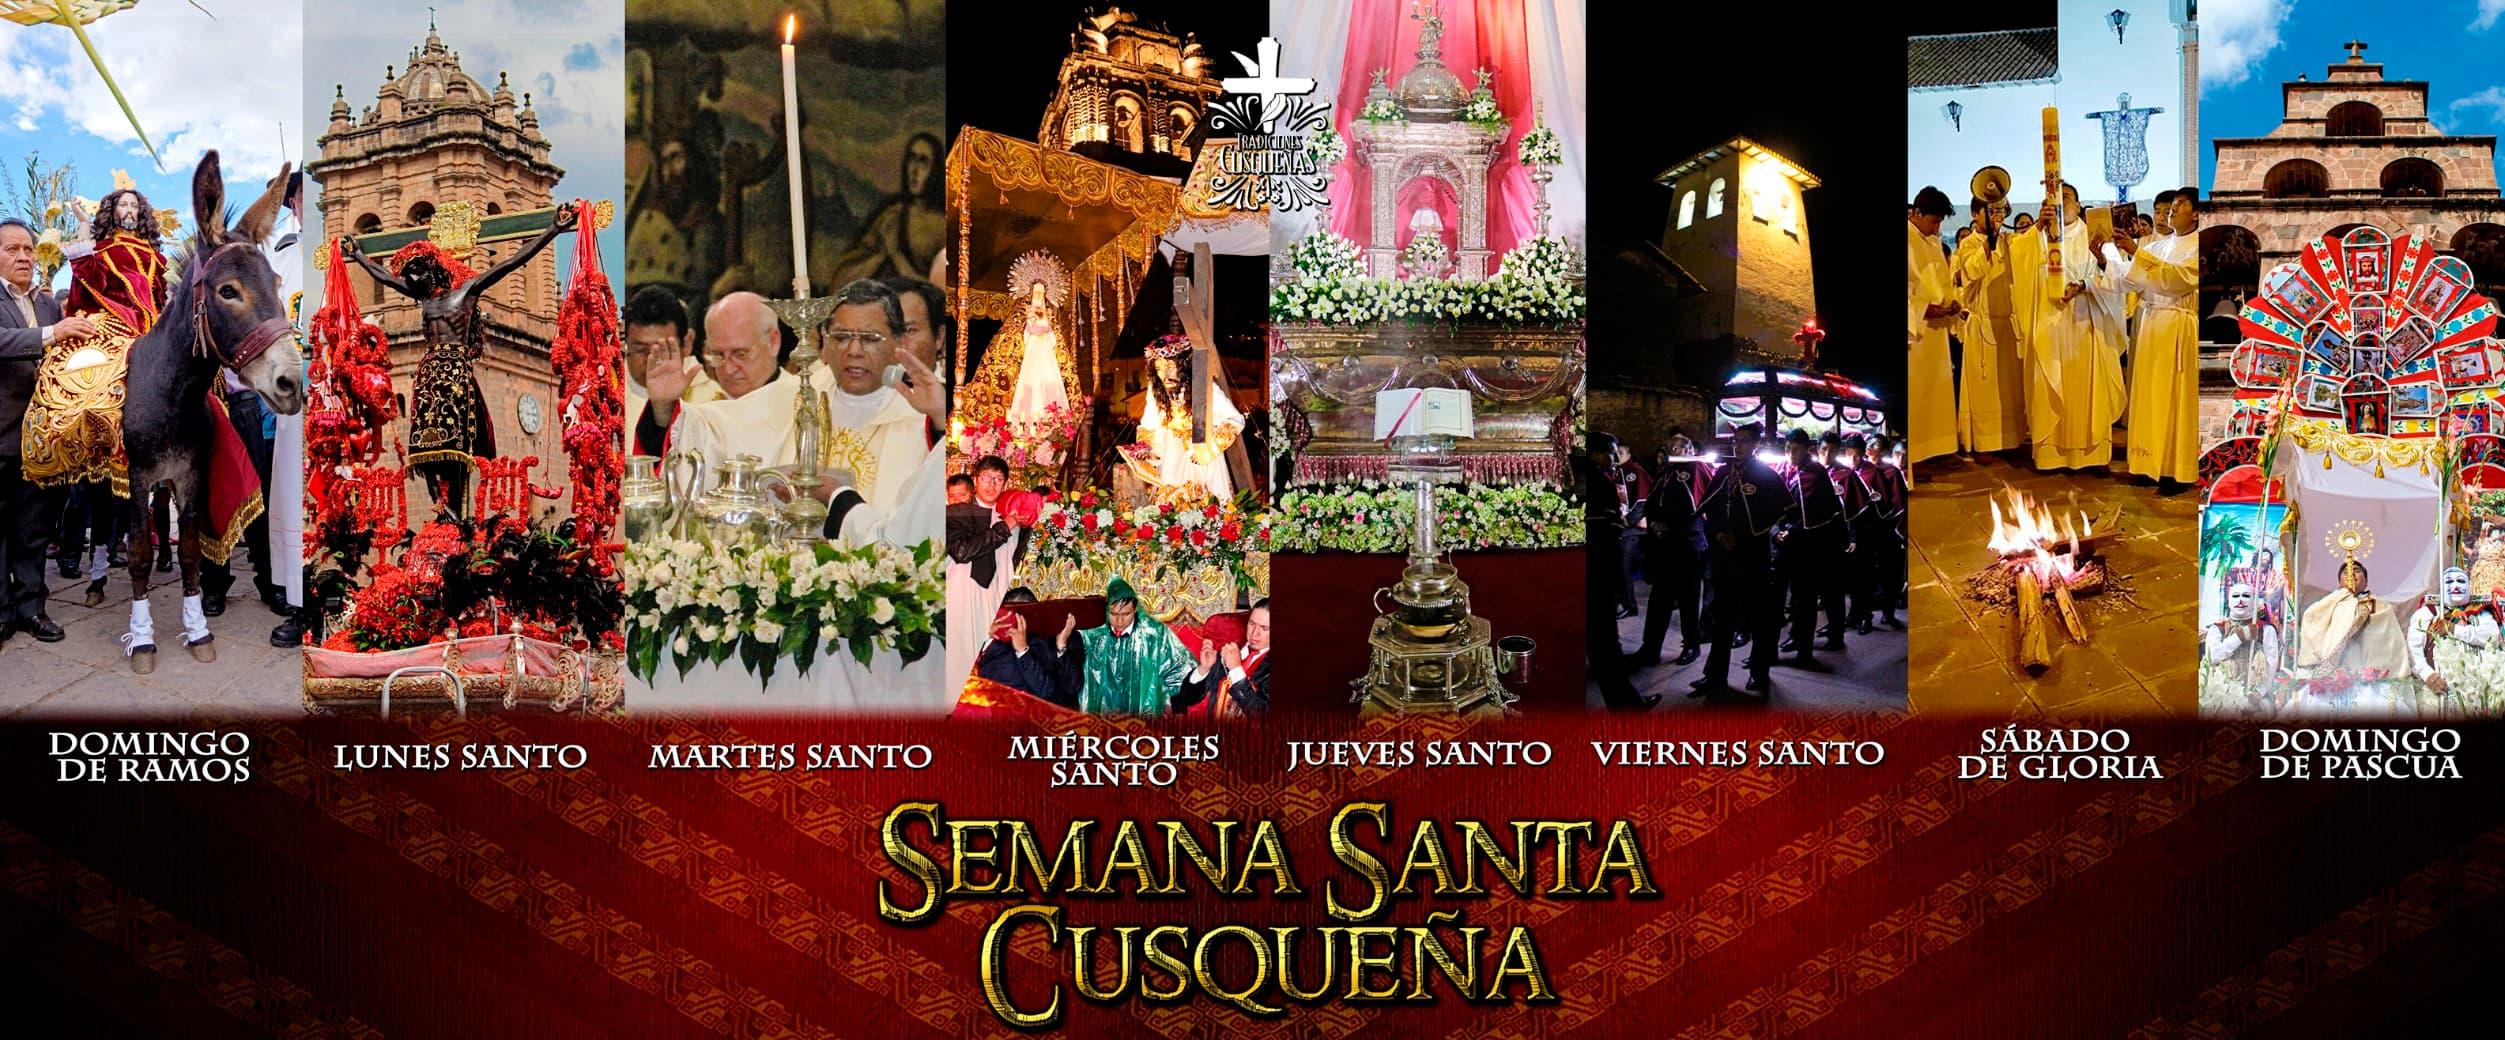 Festividades Cusco 2021